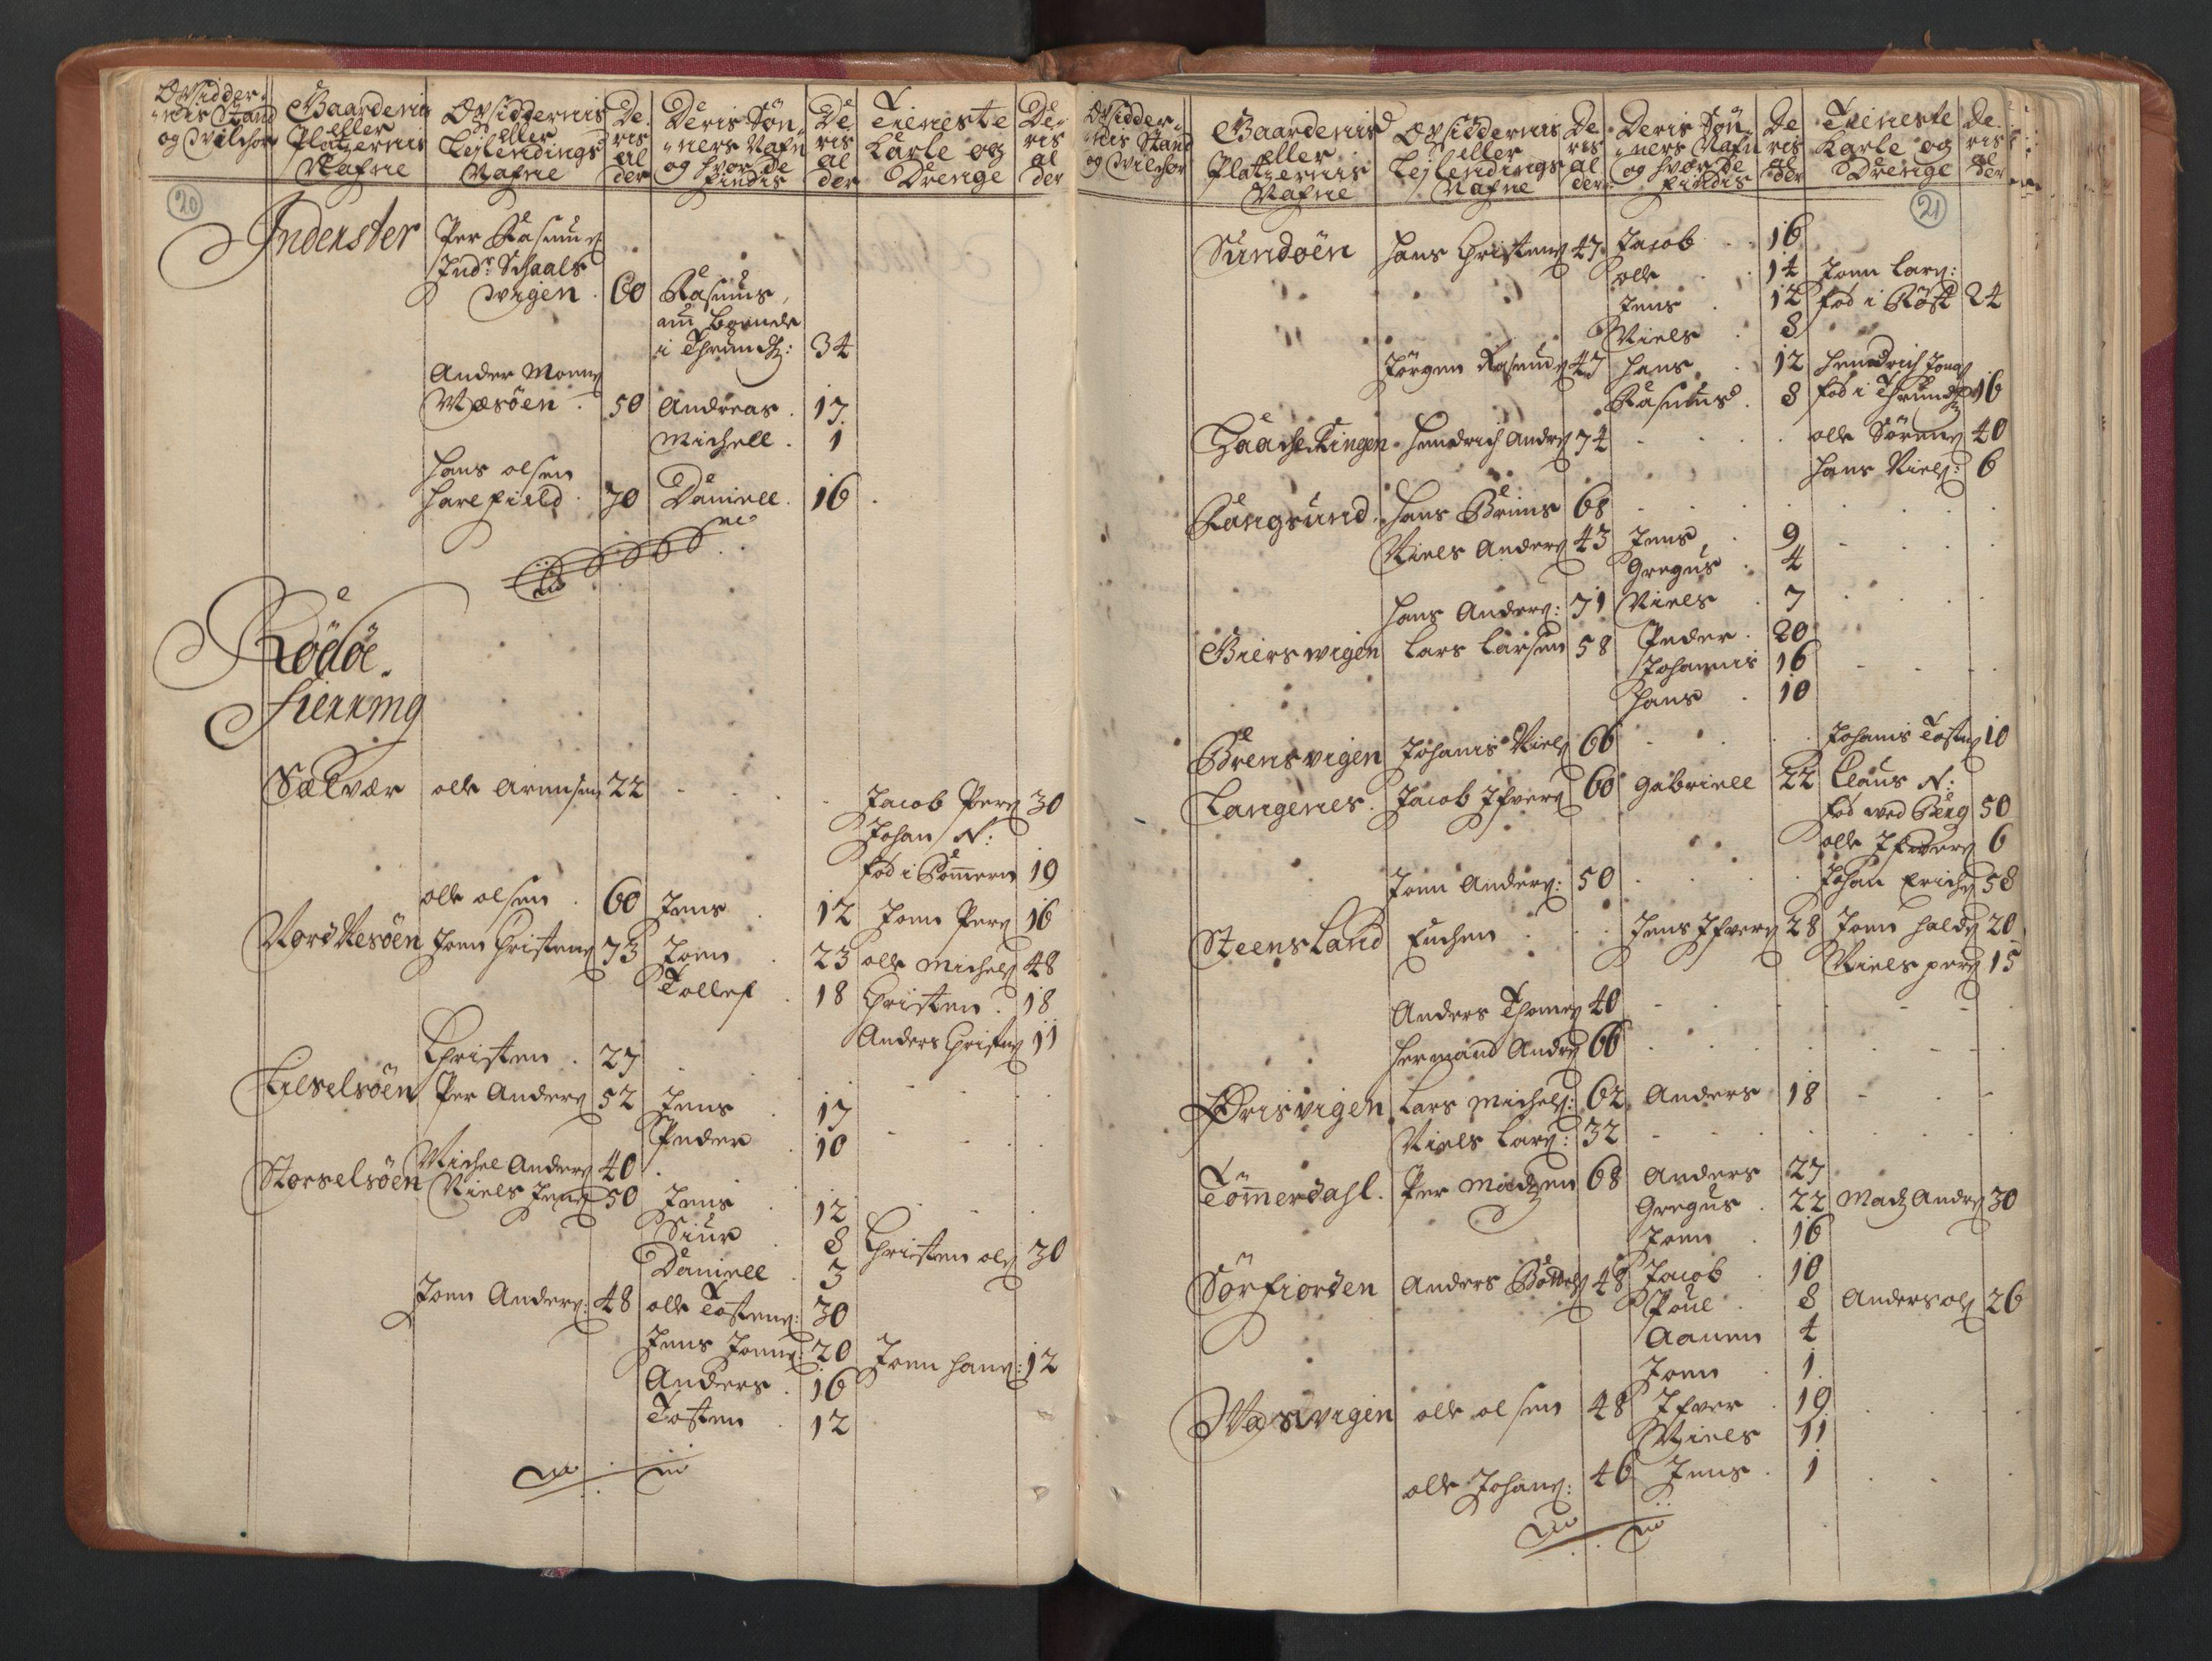 RA, Manntallet 1701, nr. 16: Helgeland fogderi, 1701, s. 20-21